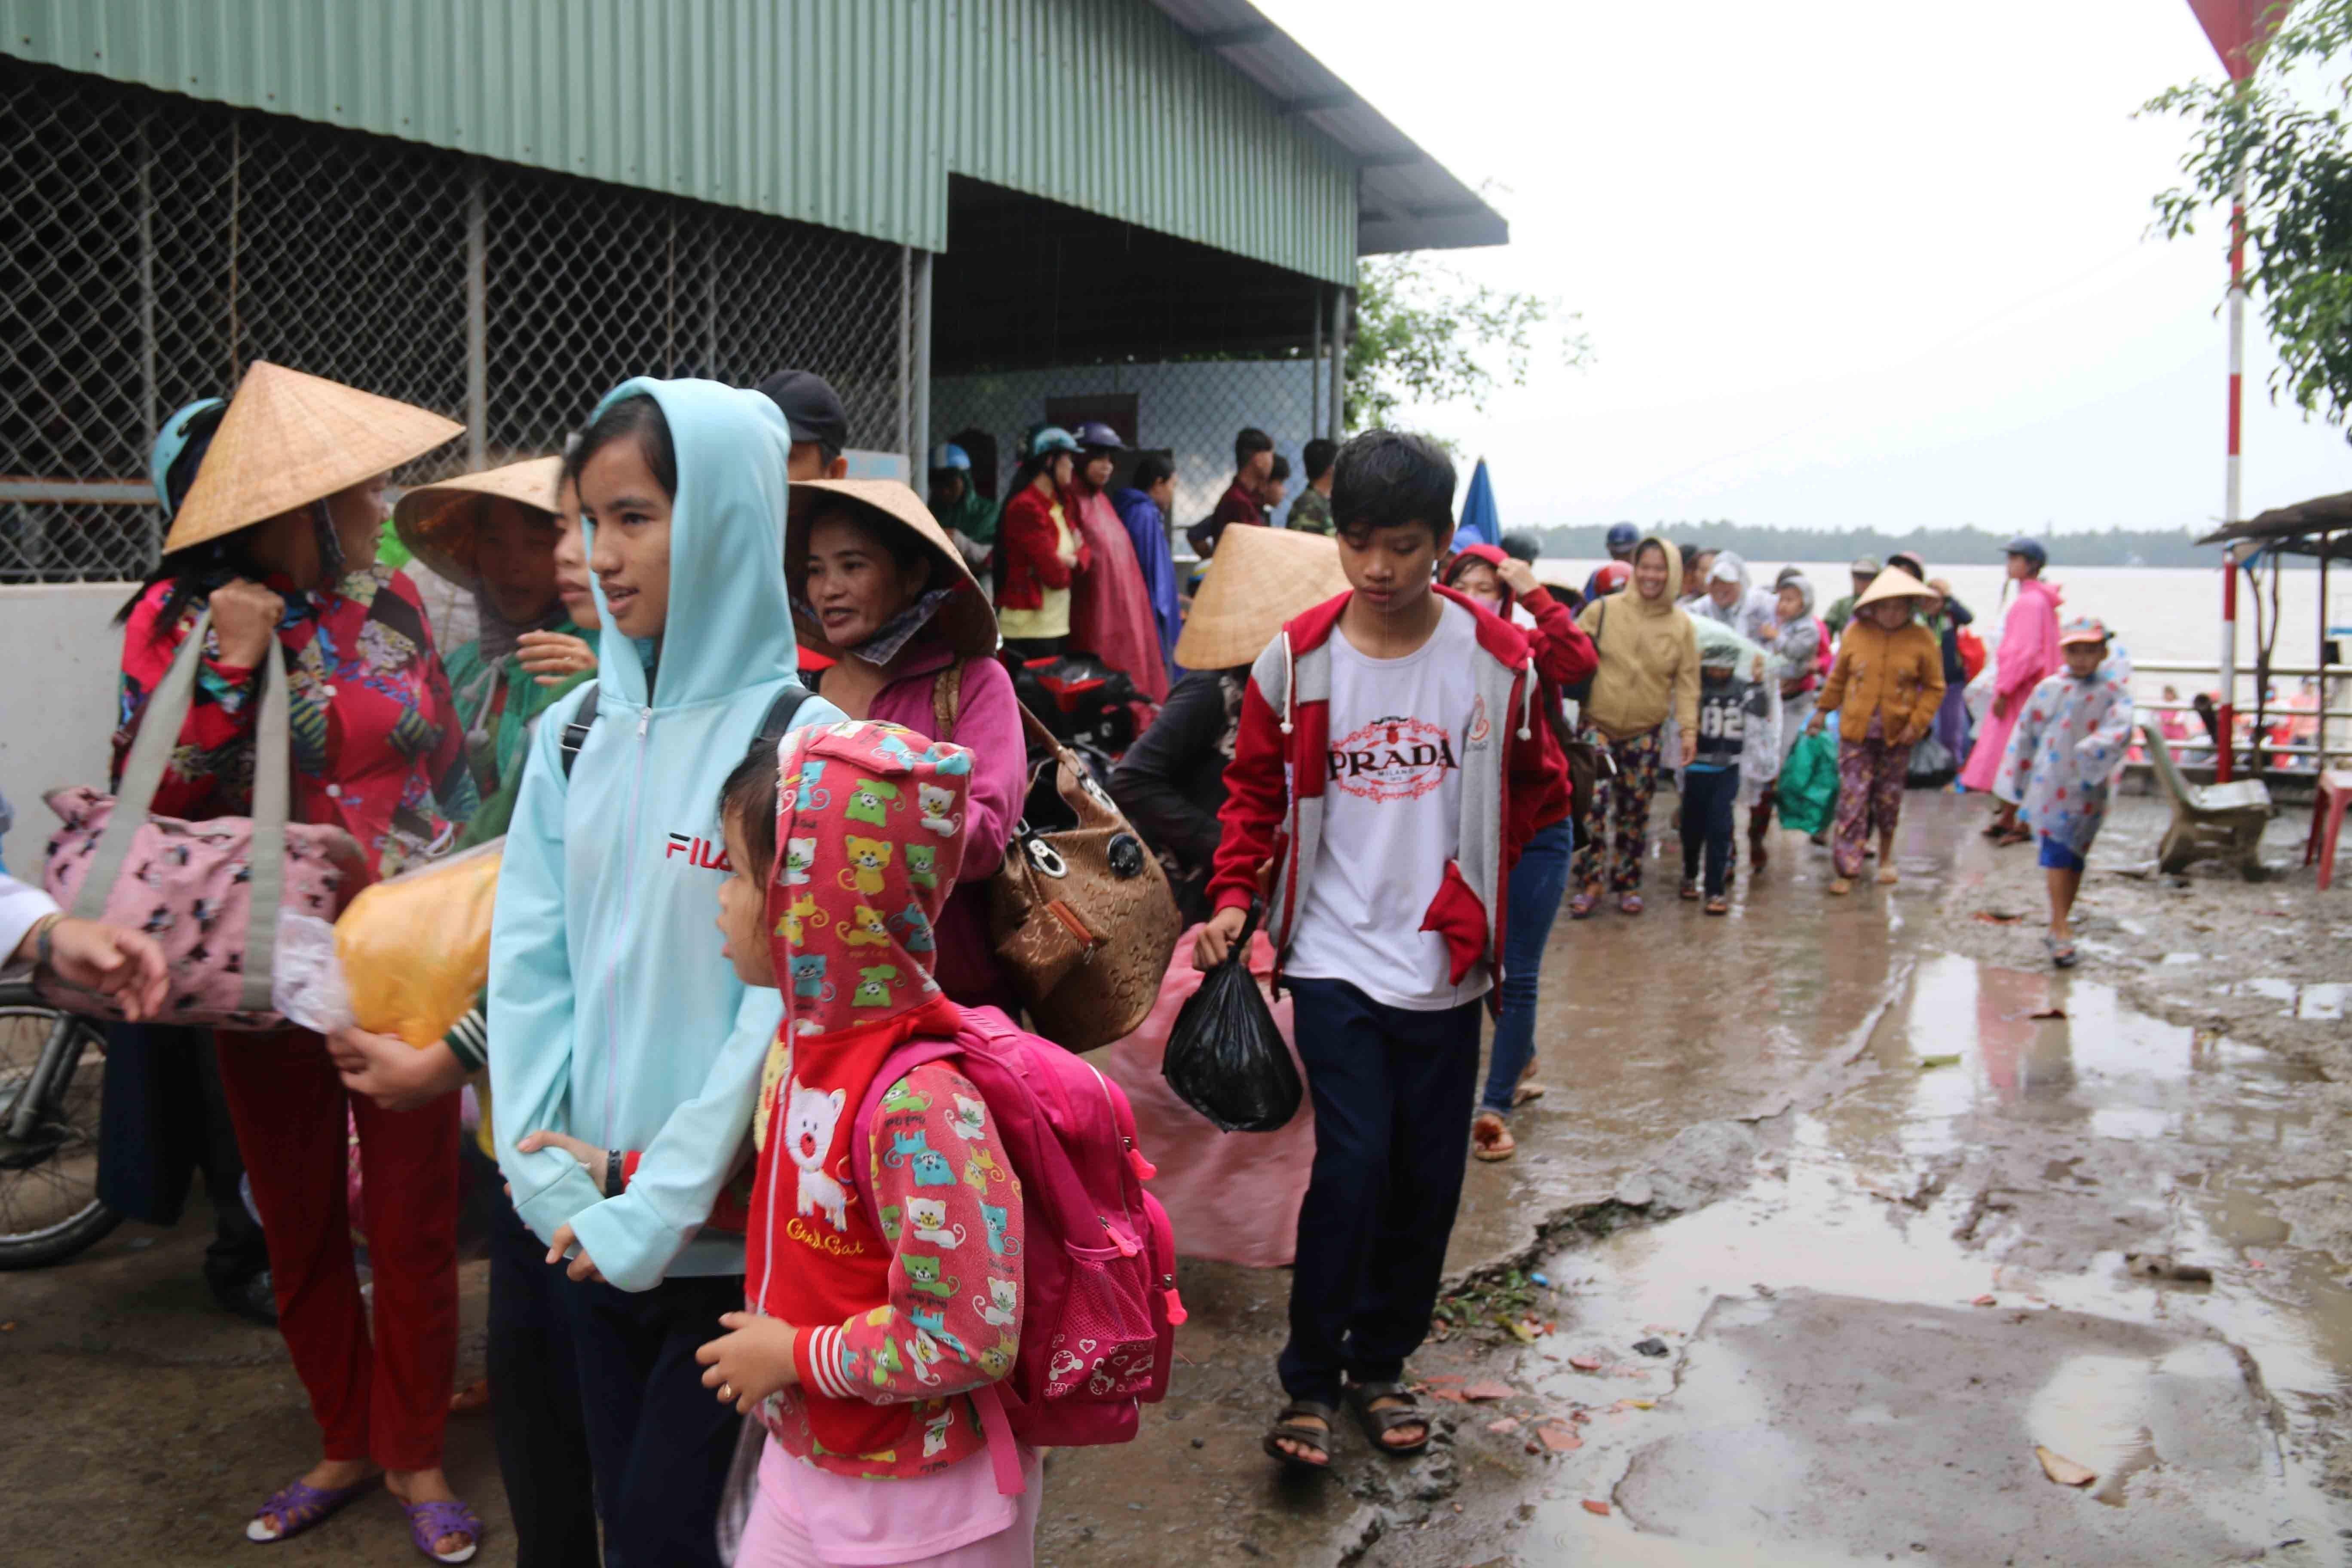 650 mil persones evacuades al sud de Vietnam